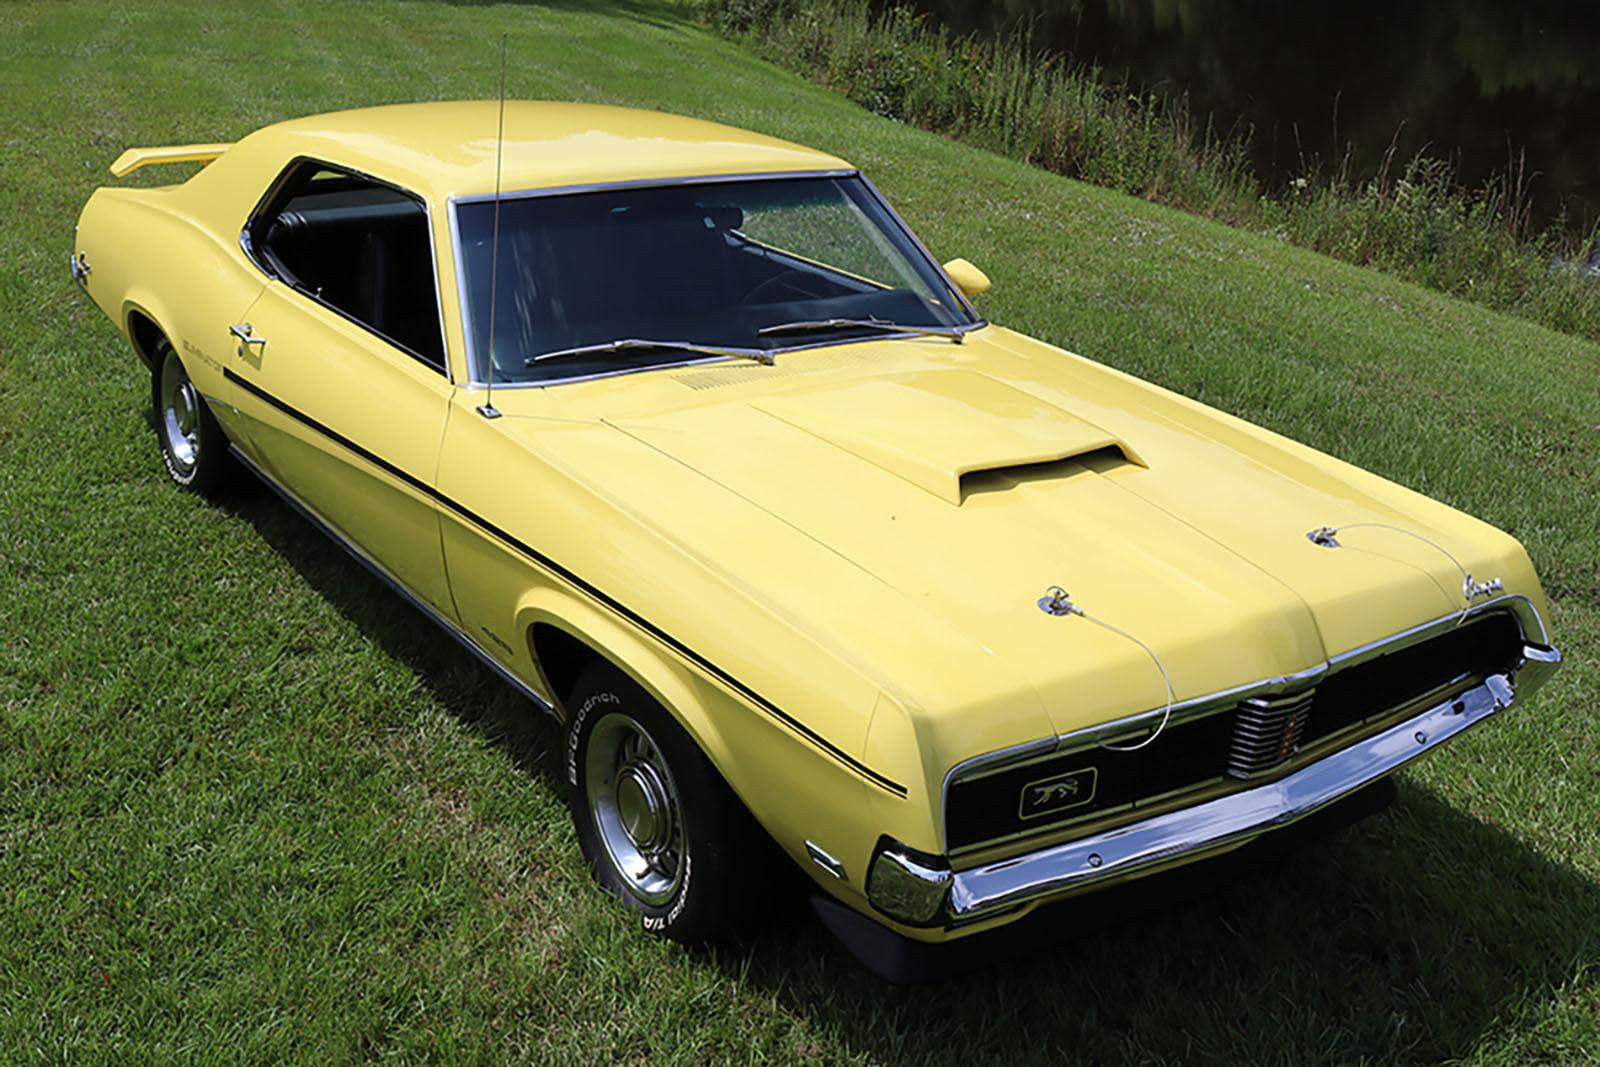 1969 Cougar Eliminator front 3/4